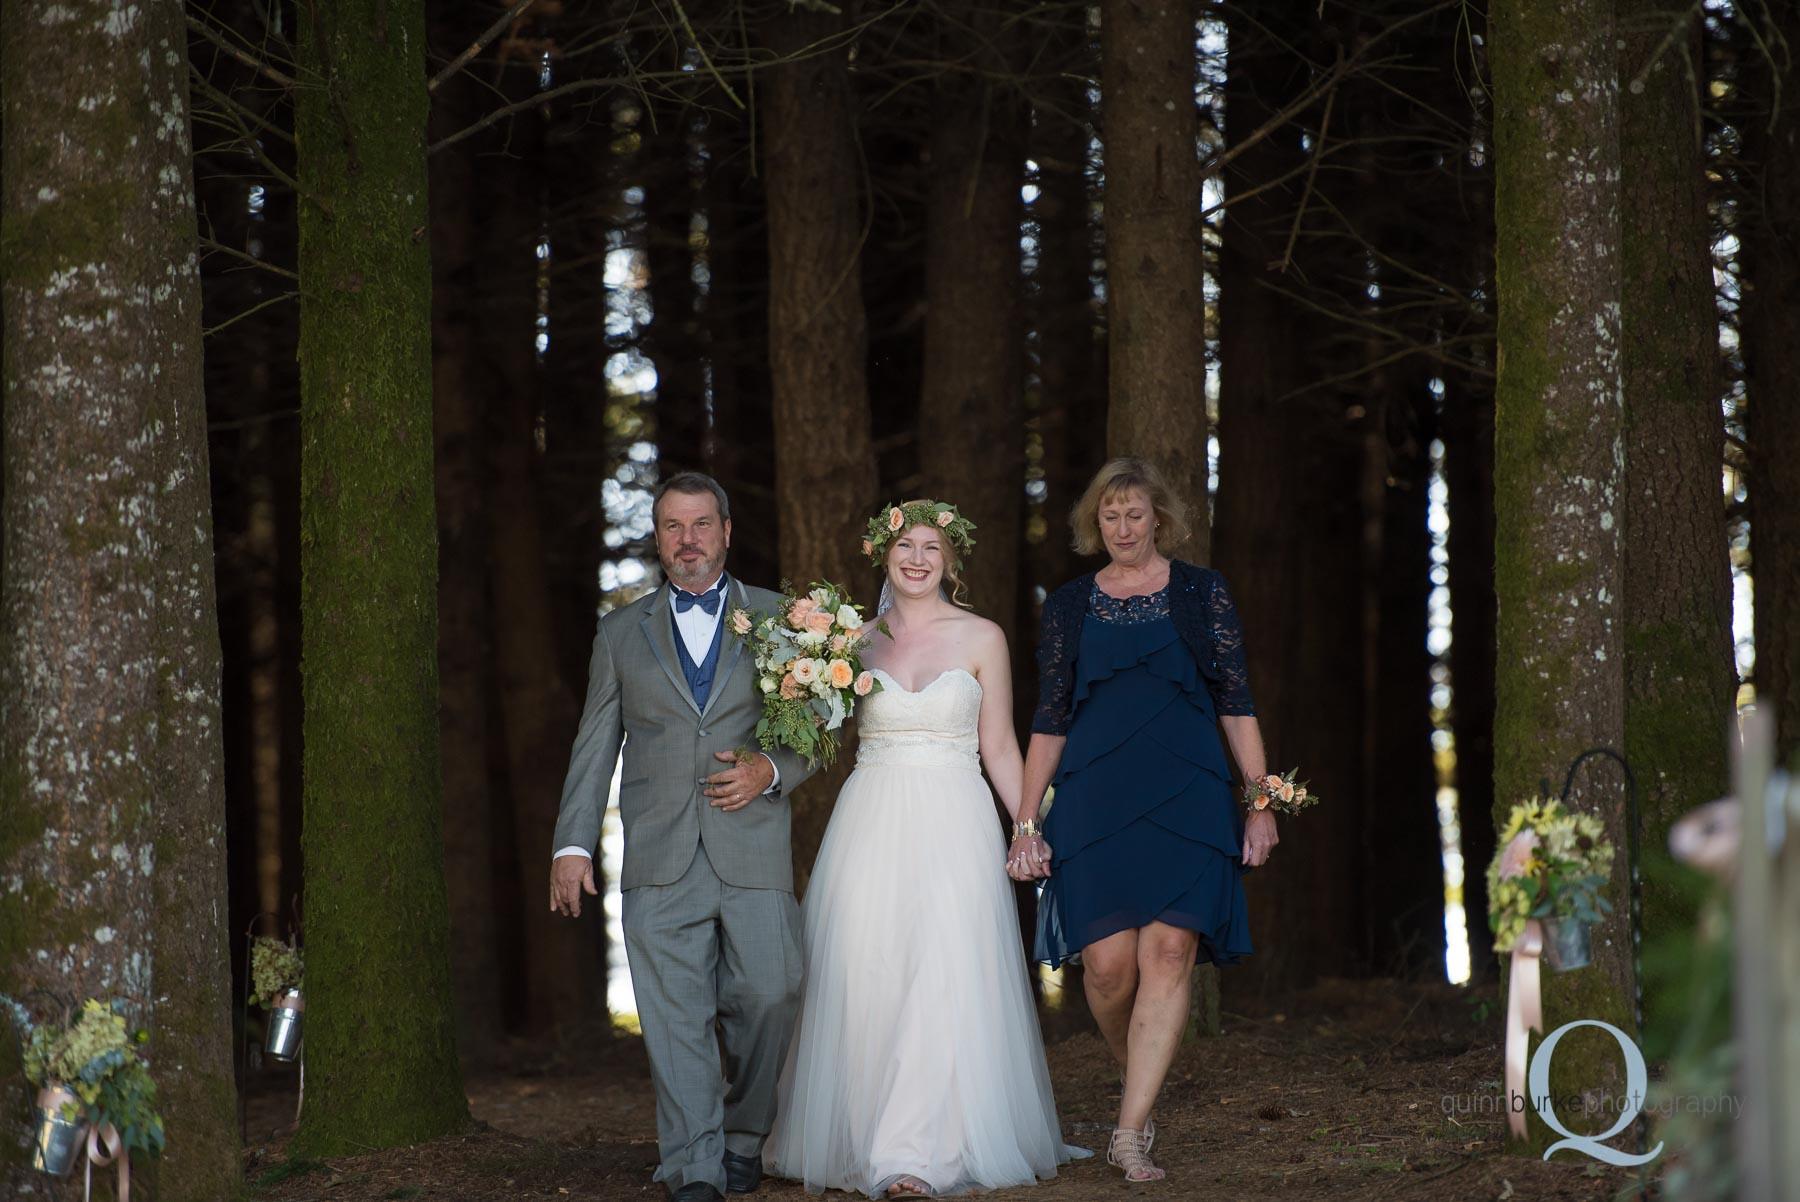 parents walk bride down aisle at Perryhill Farm wedding